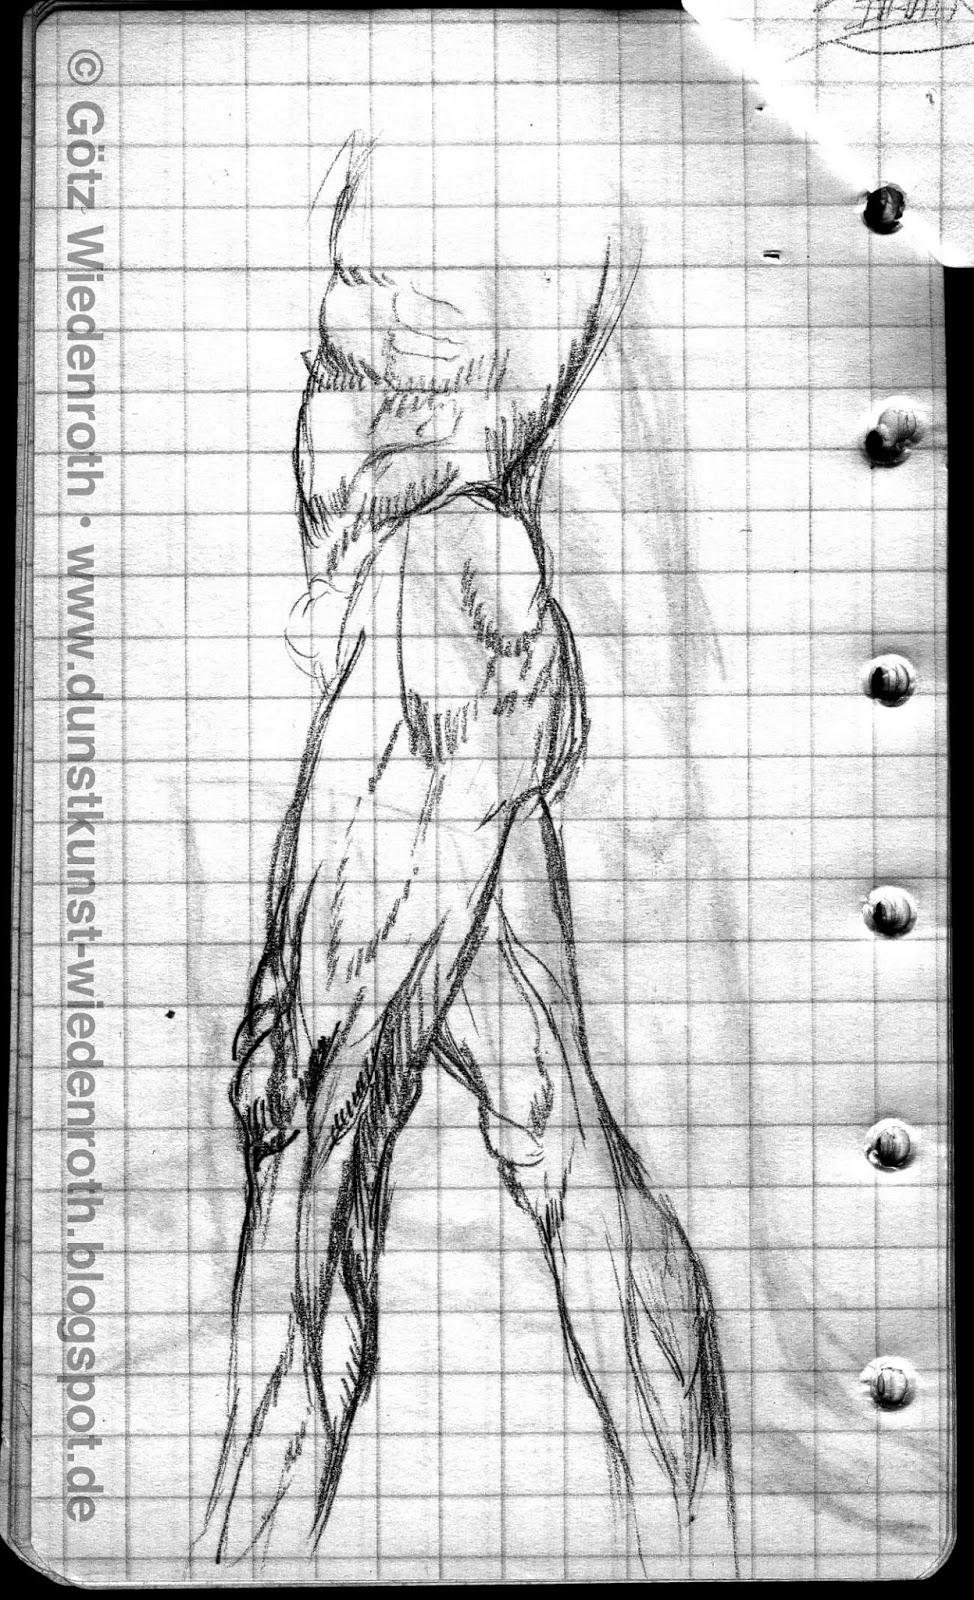 Anatomische Skizzen nach Zeichnungen von Leonardo da Vinci.   Dunstkunst